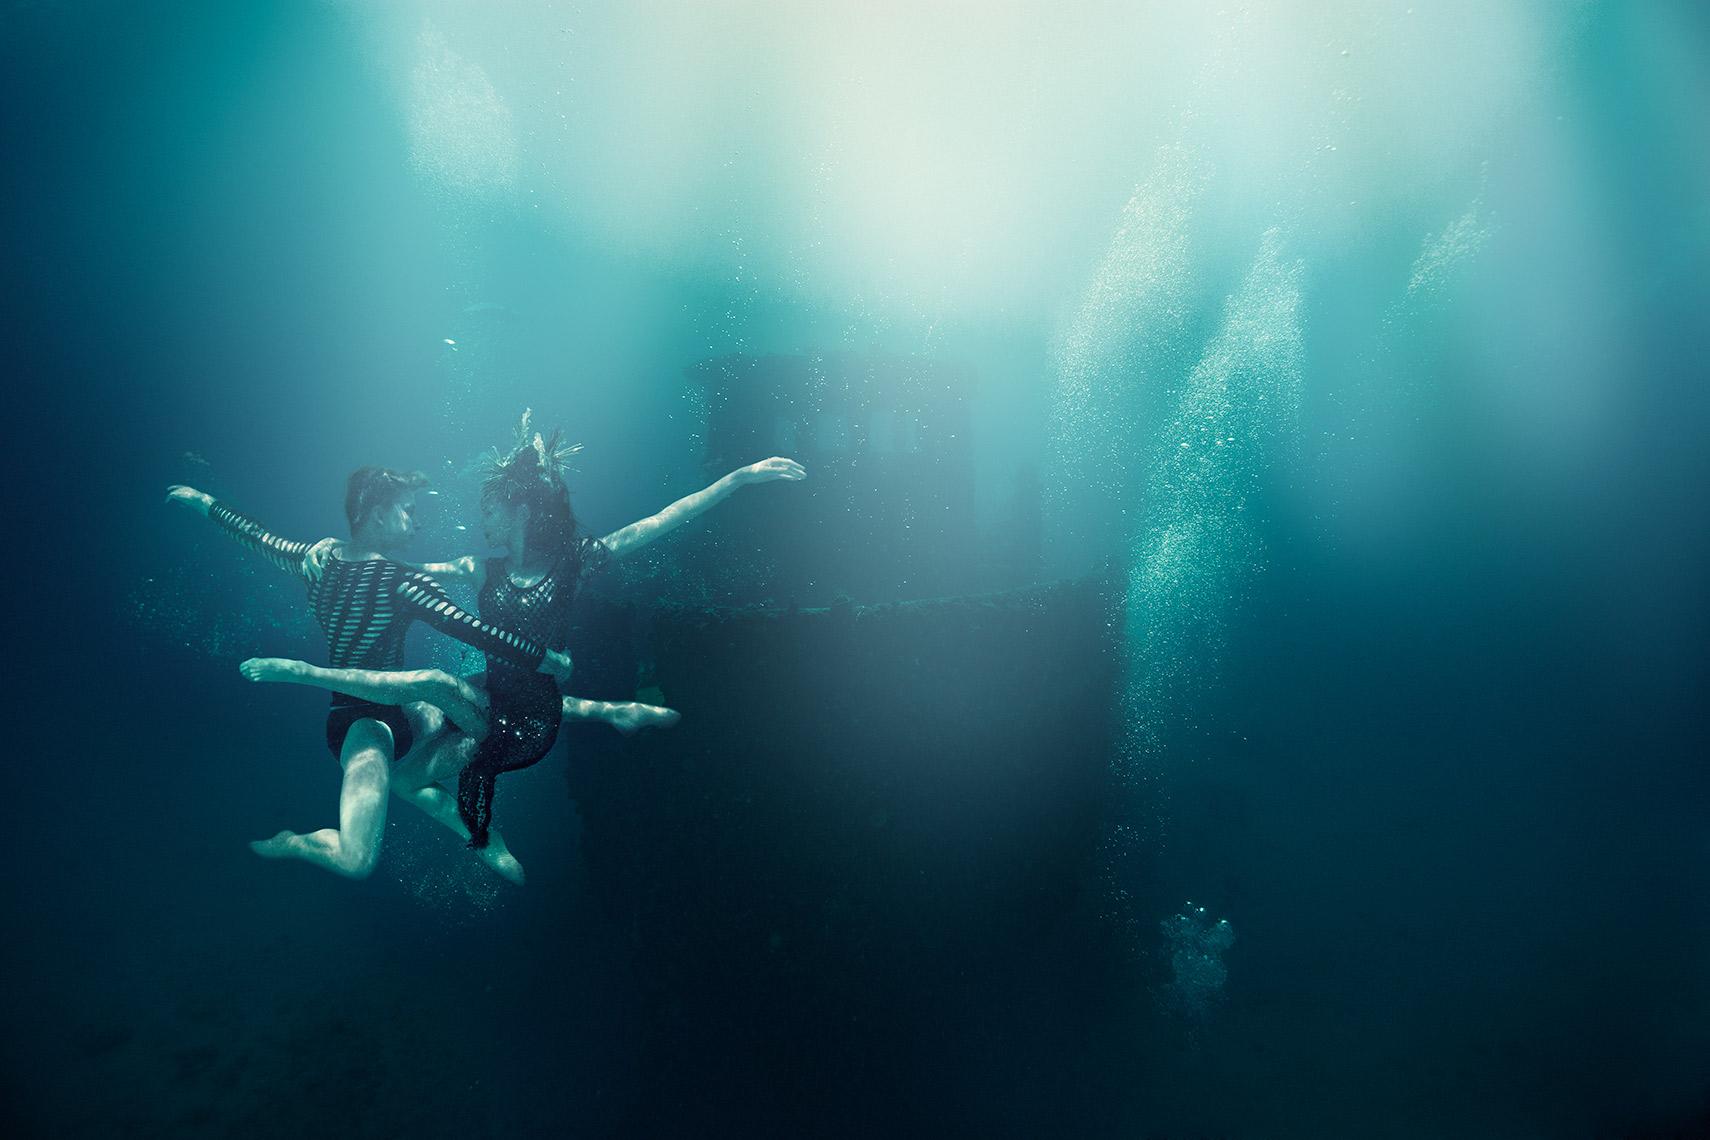 underwater.dancer.photography.jpg